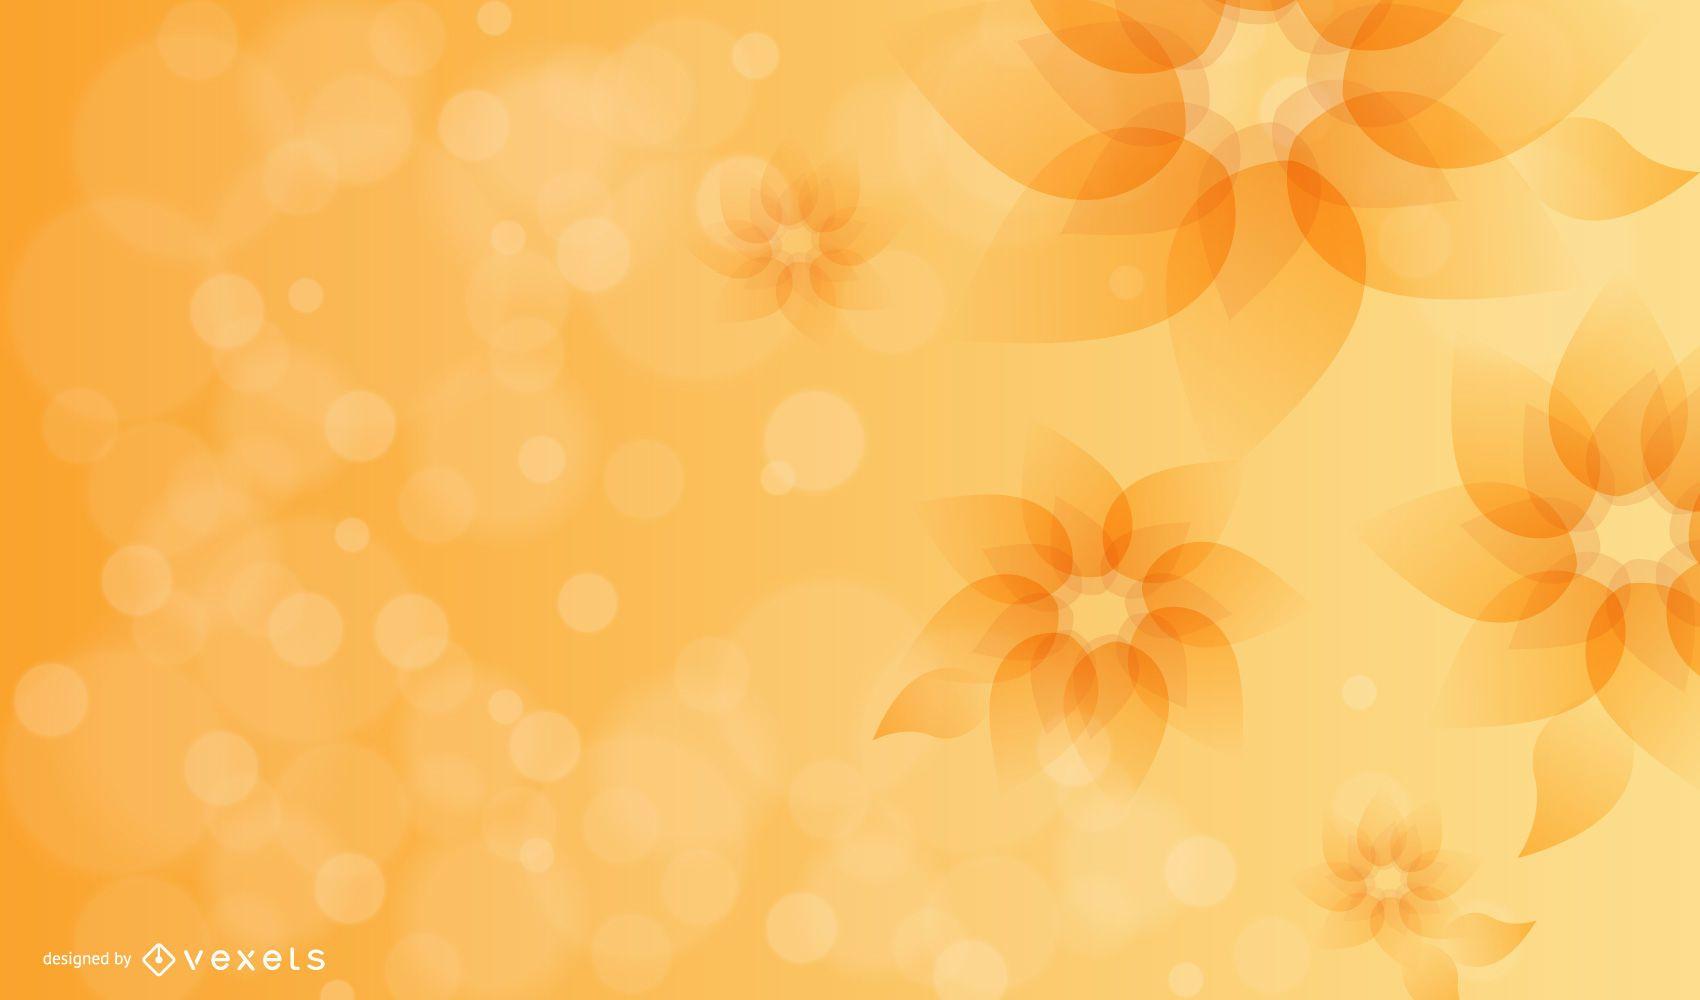 Full Blossom Bright Flower com Bokeh